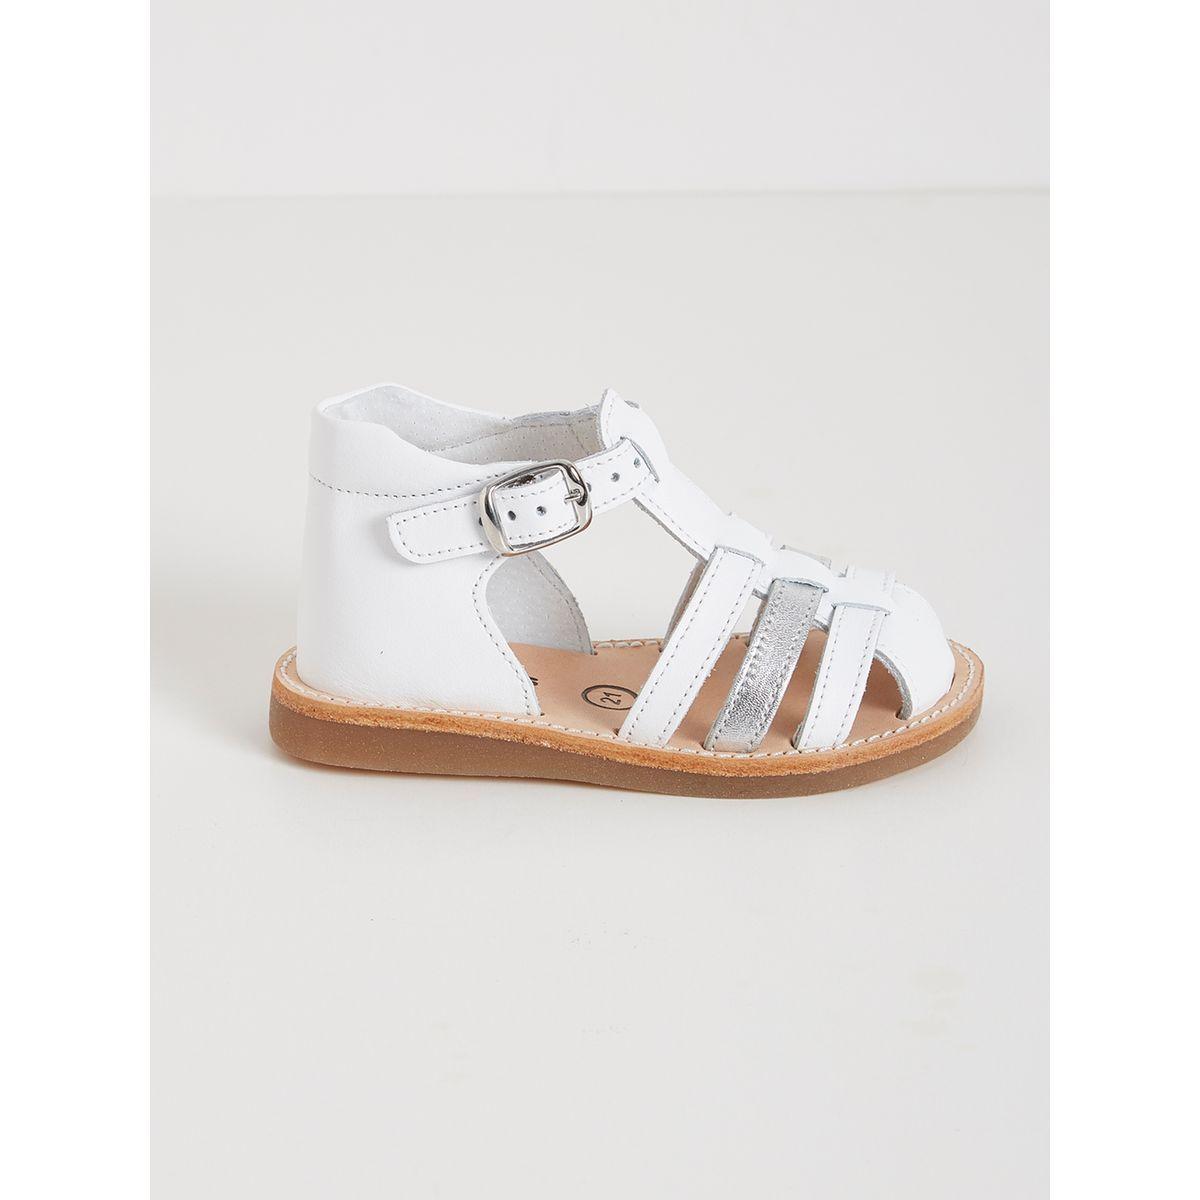 Nouveau Haut Gladiateur Sandales Embelli Bride Arrière Confortable Vacances Chaussures Taille 3-8